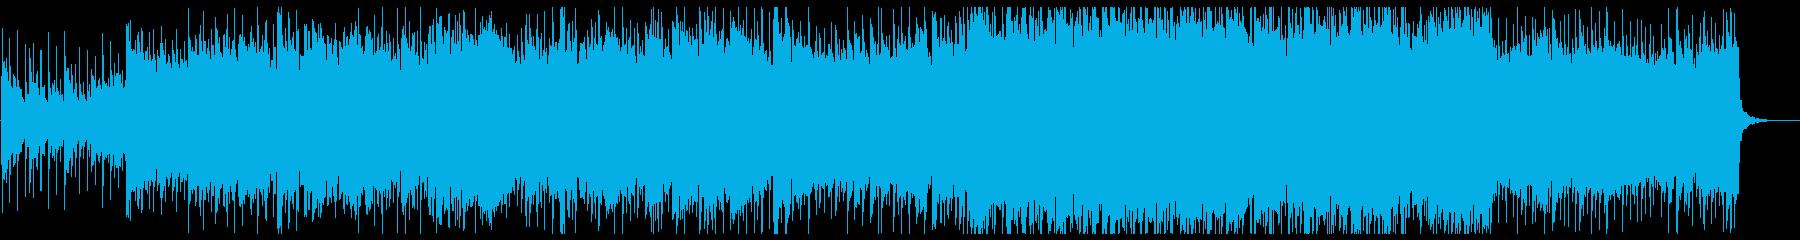 バイオリンの爽やかなポップロックの再生済みの波形